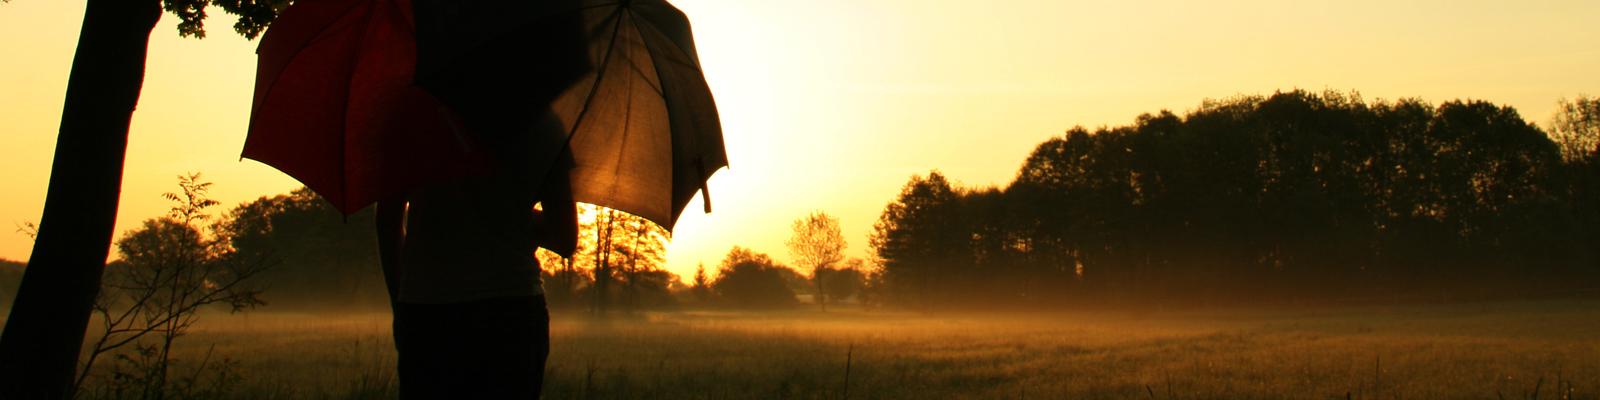 Ein Pärchen steht mit Regenschirmen im Sonnenaufgang auf einer Wiese.